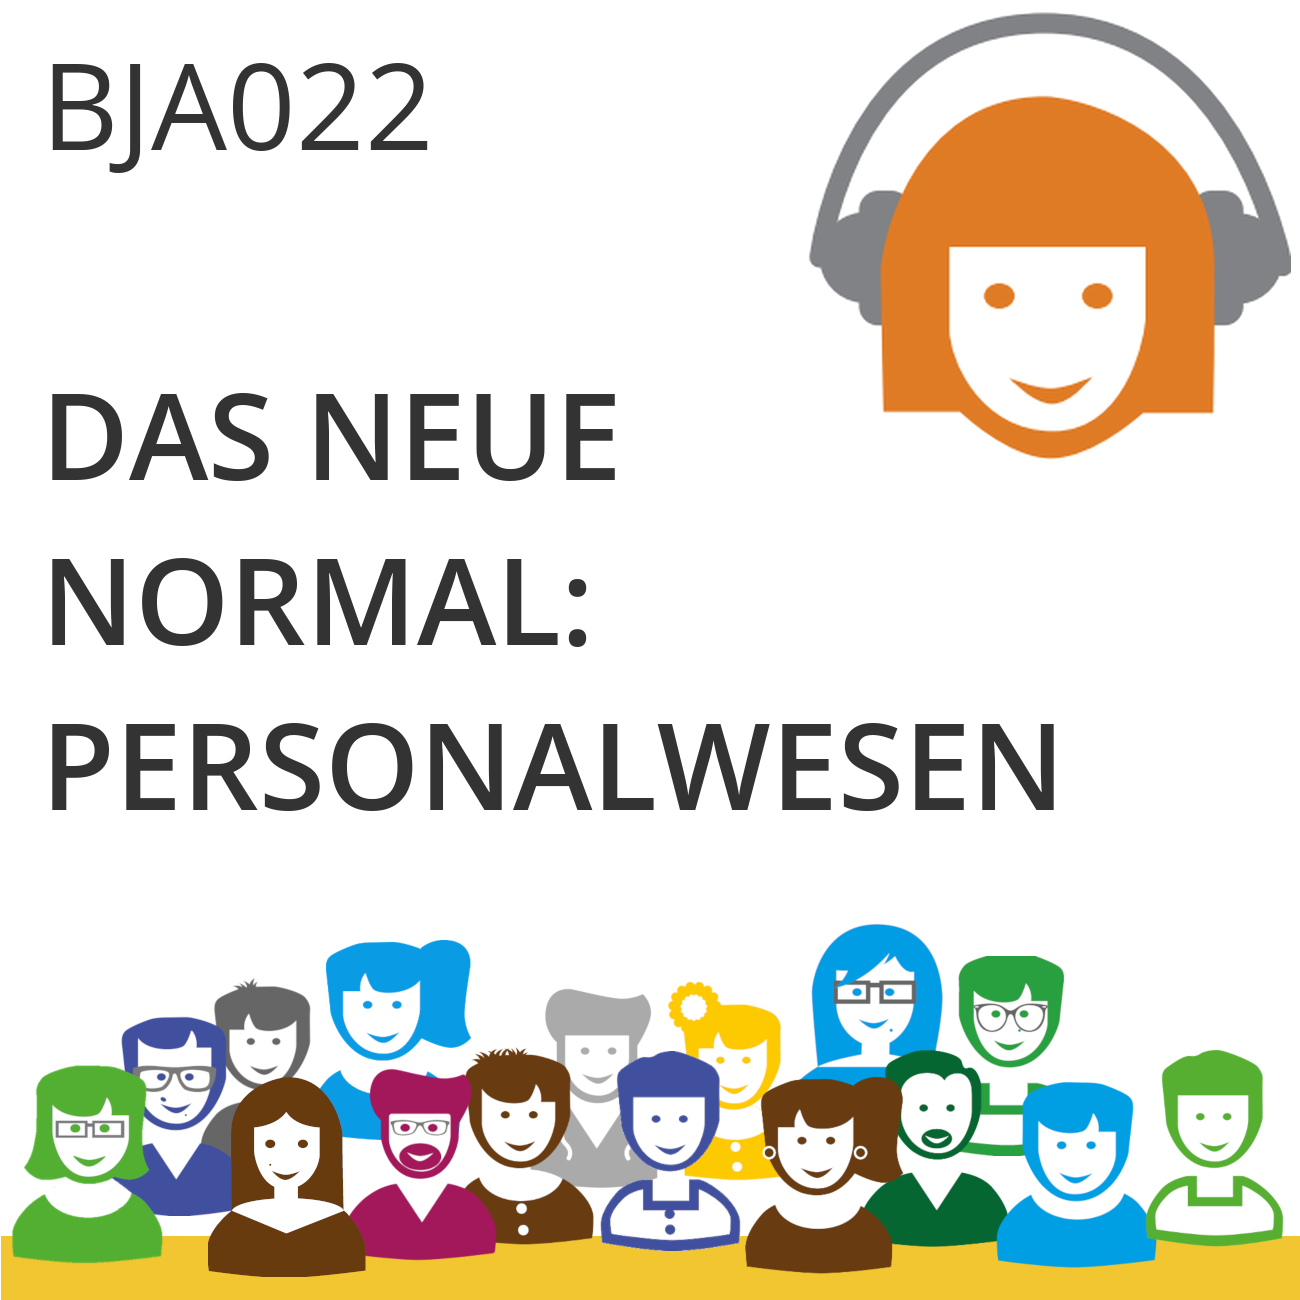 BJA022 | Das neue Normal im Personalwesen